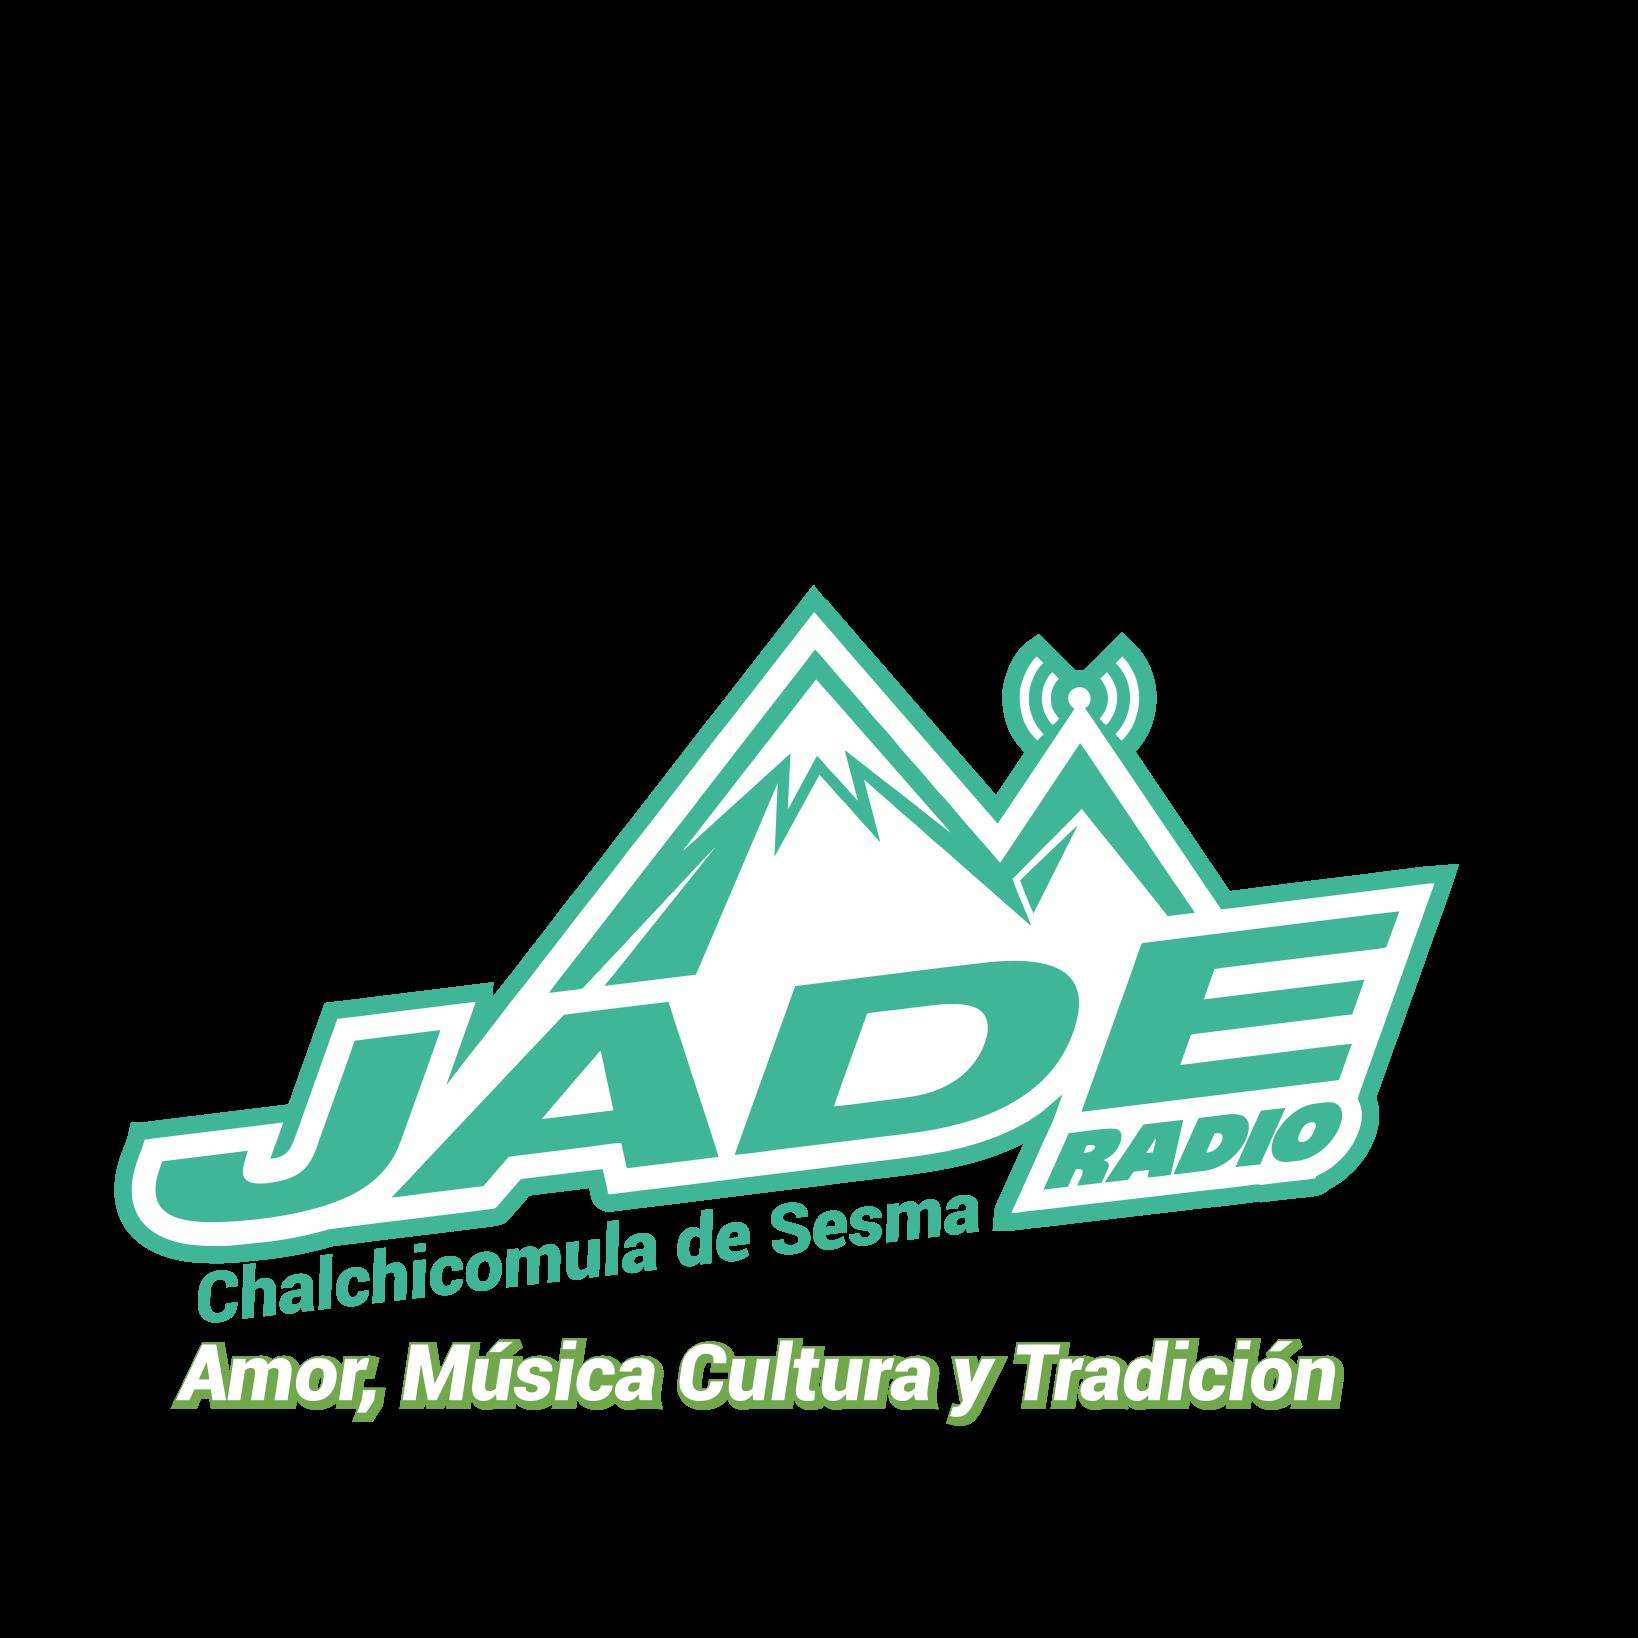 Jade Chalchicomula